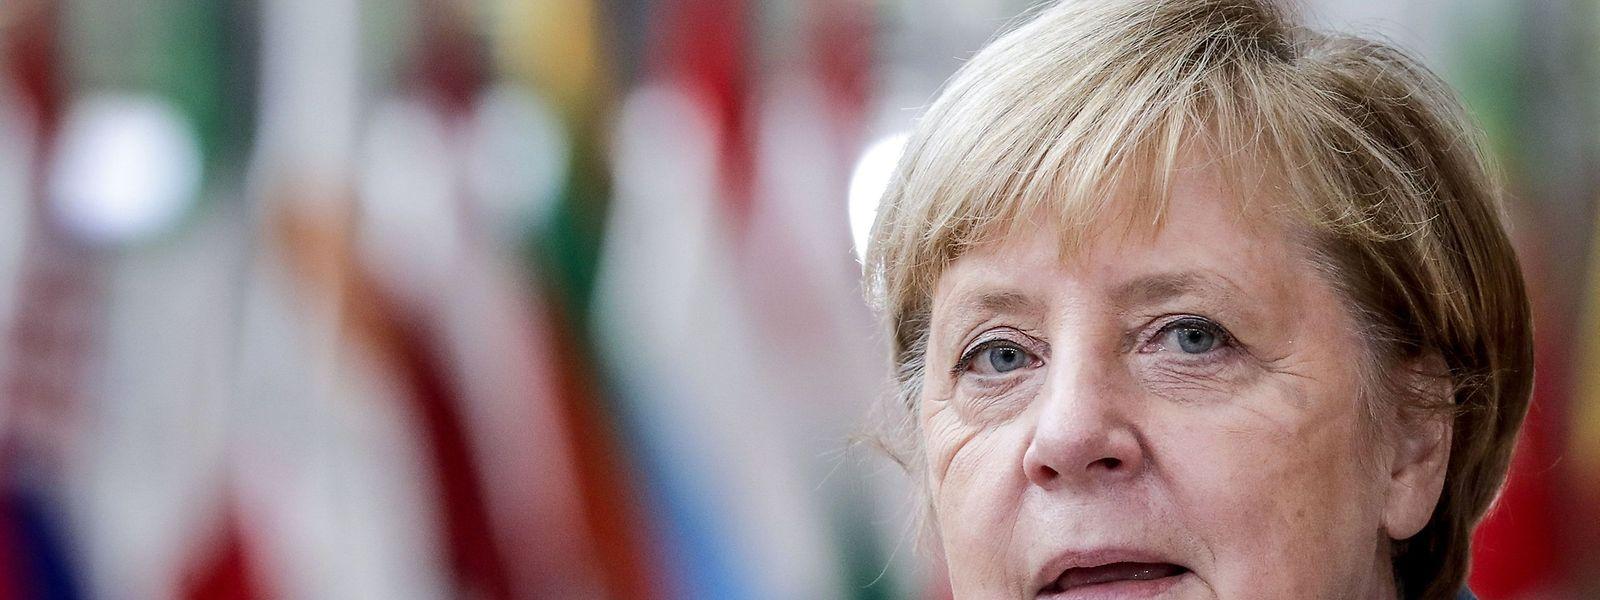 Für Bundeskanzlerin Angela Merkel gehen die jüngsten Corona-Beschlüsse nicht weit genug.